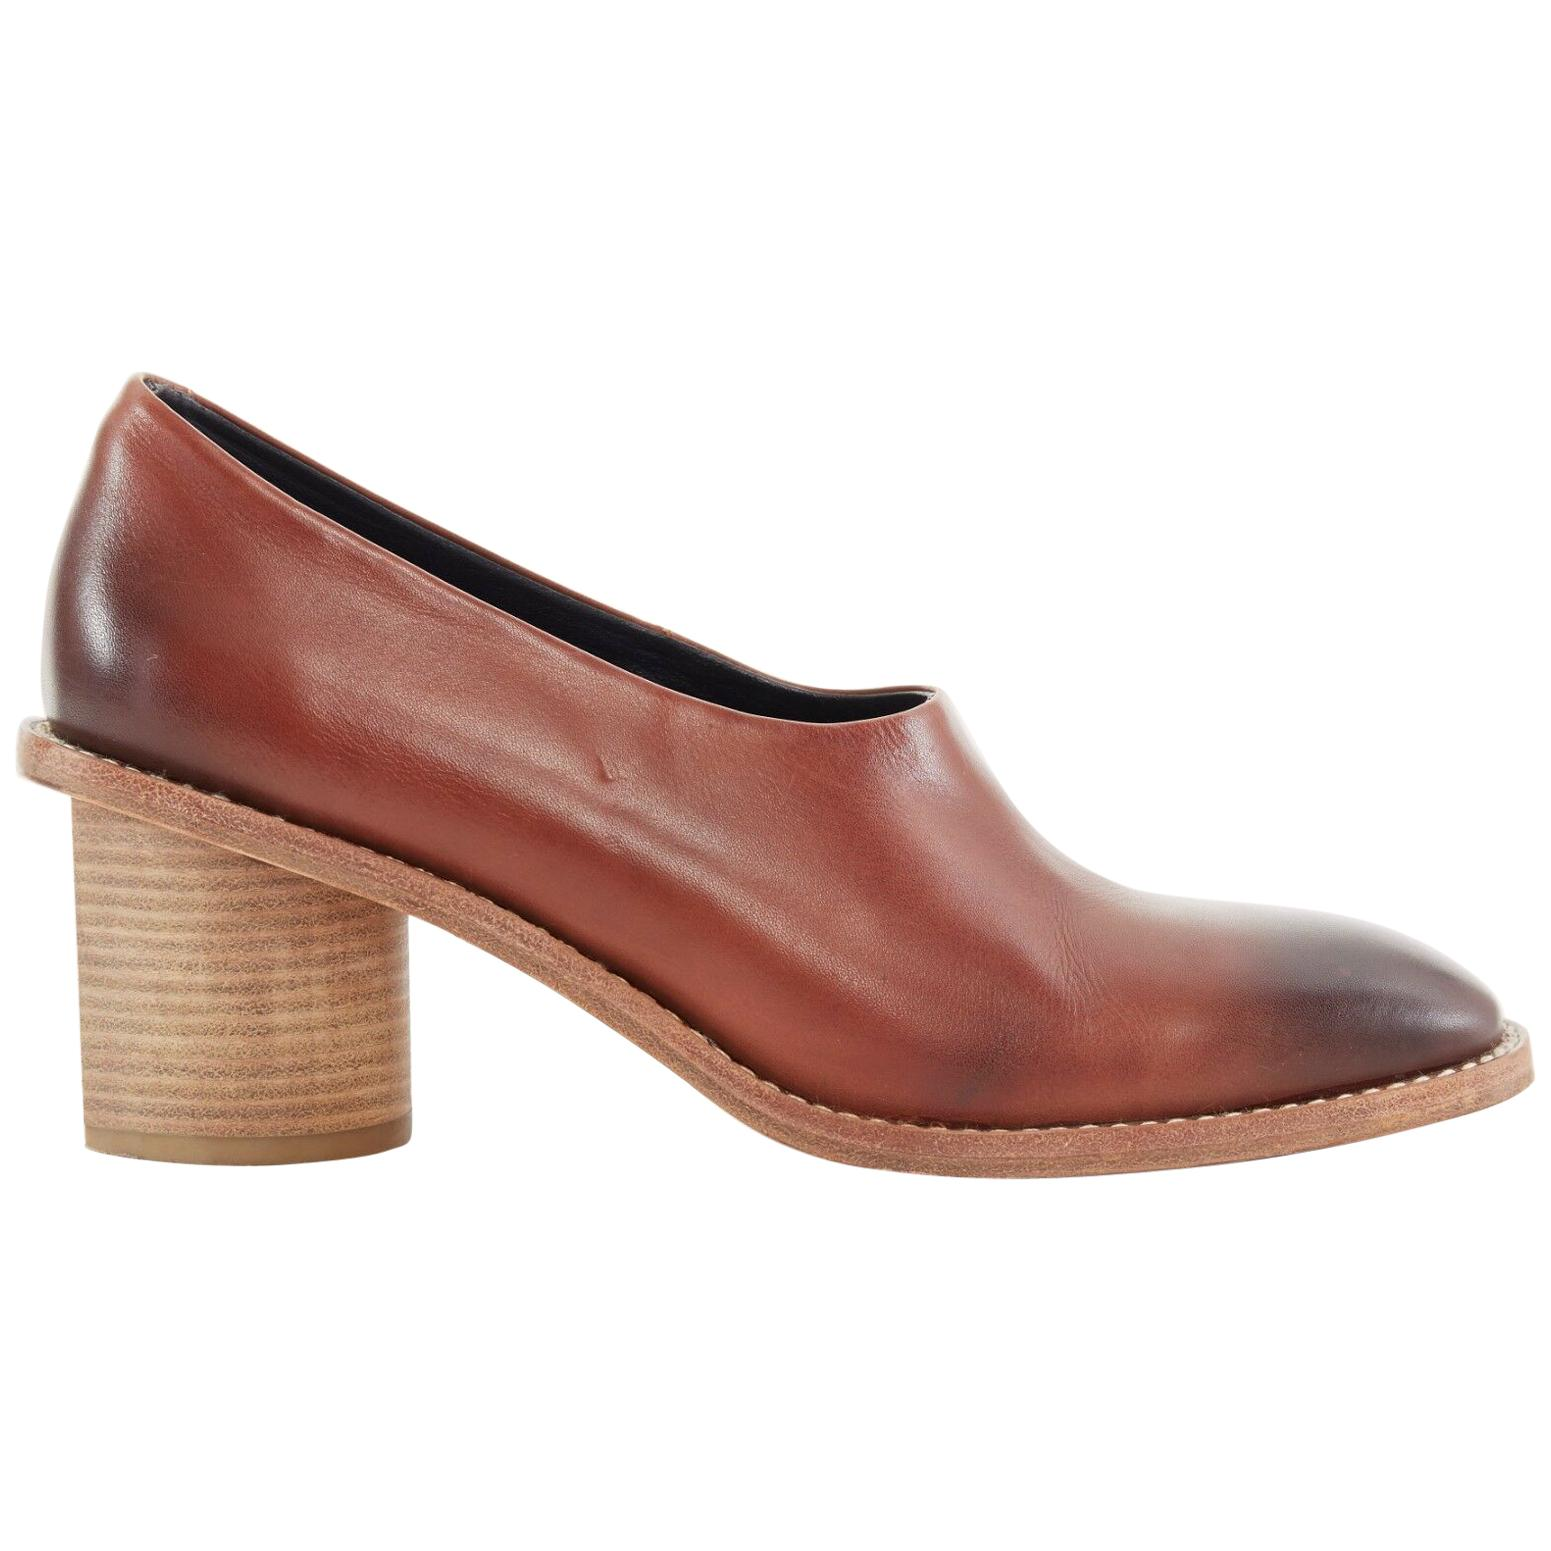 CELINE PHILO brown gradient leather angular stacked wooden block heel shoe EU39